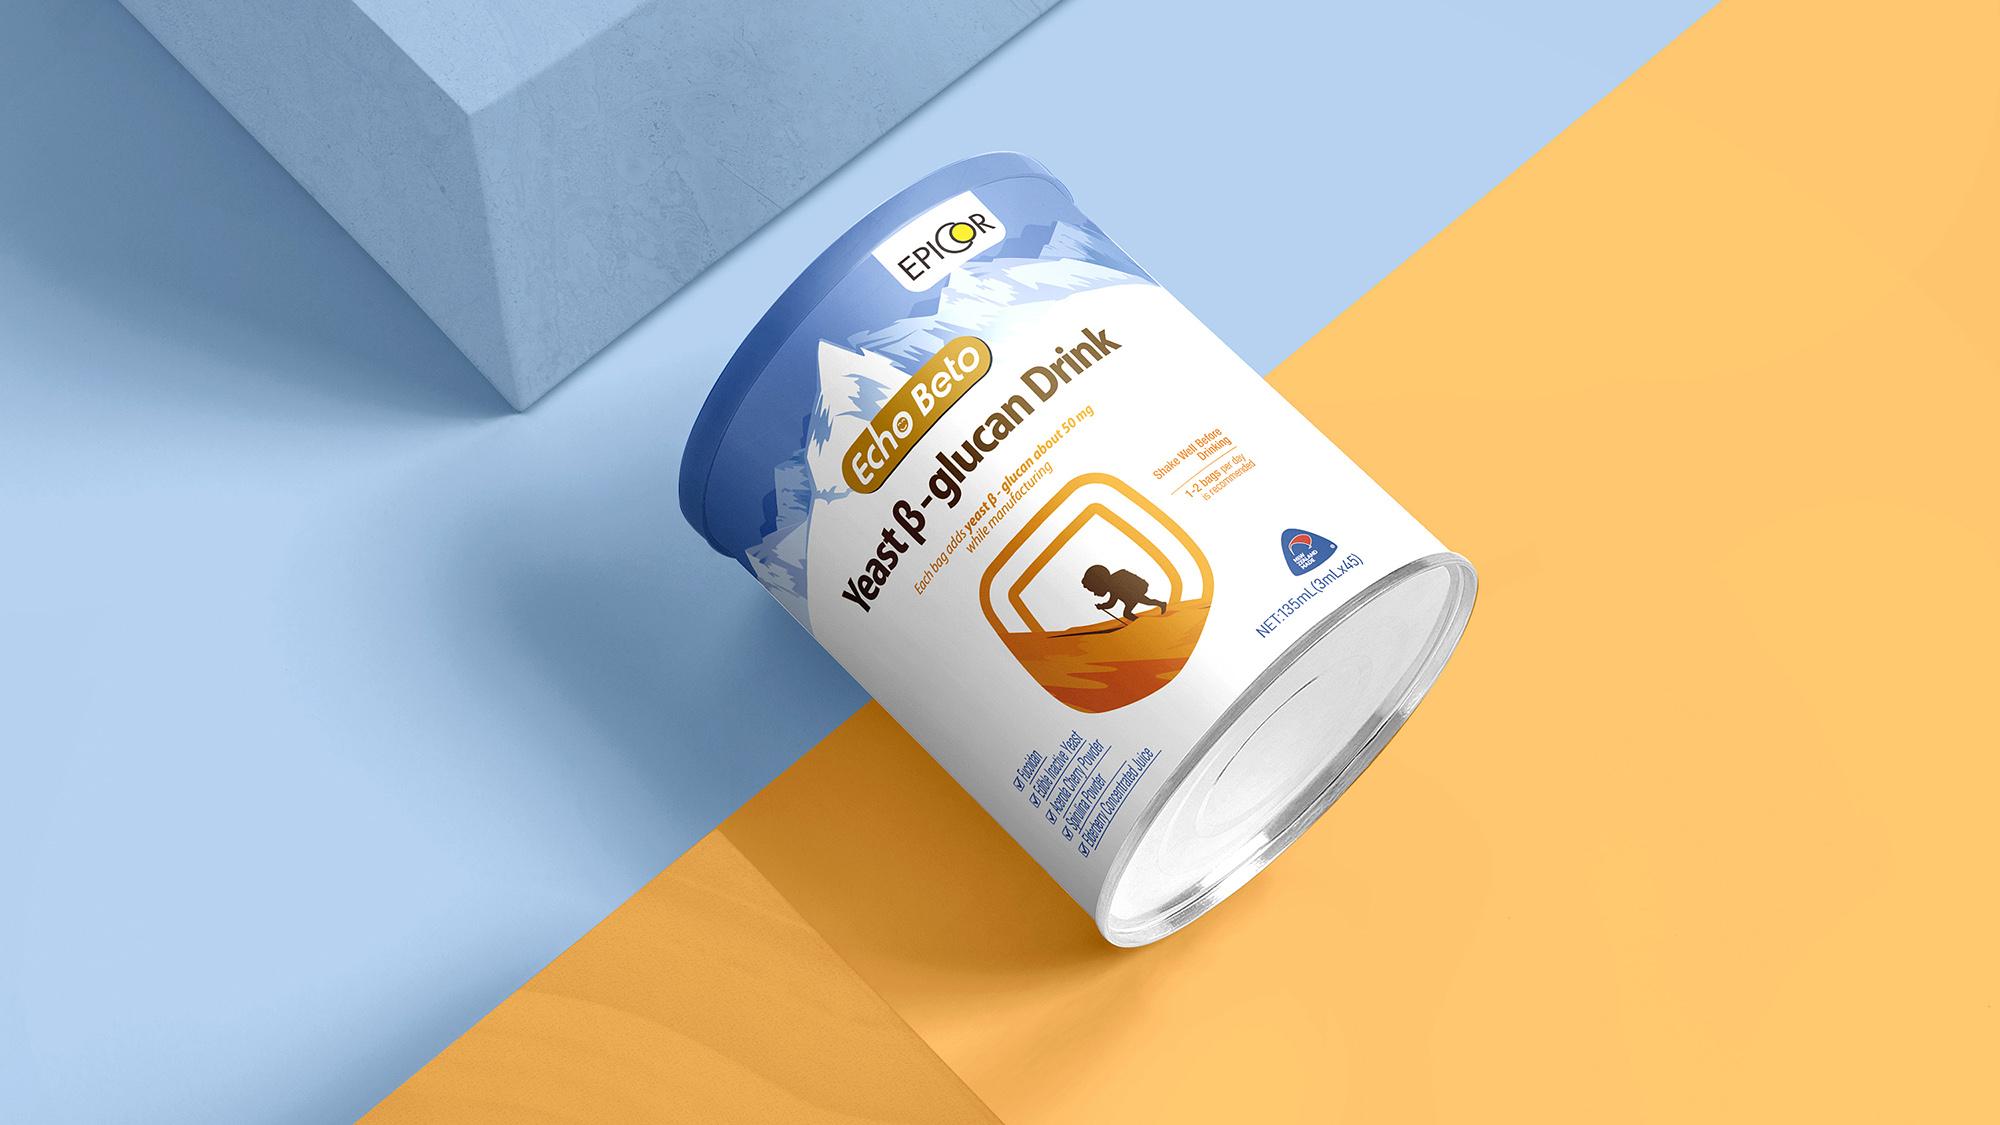 爱可贝托×唐风汉韵   新西兰进口婴幼儿营养品包装简约设计